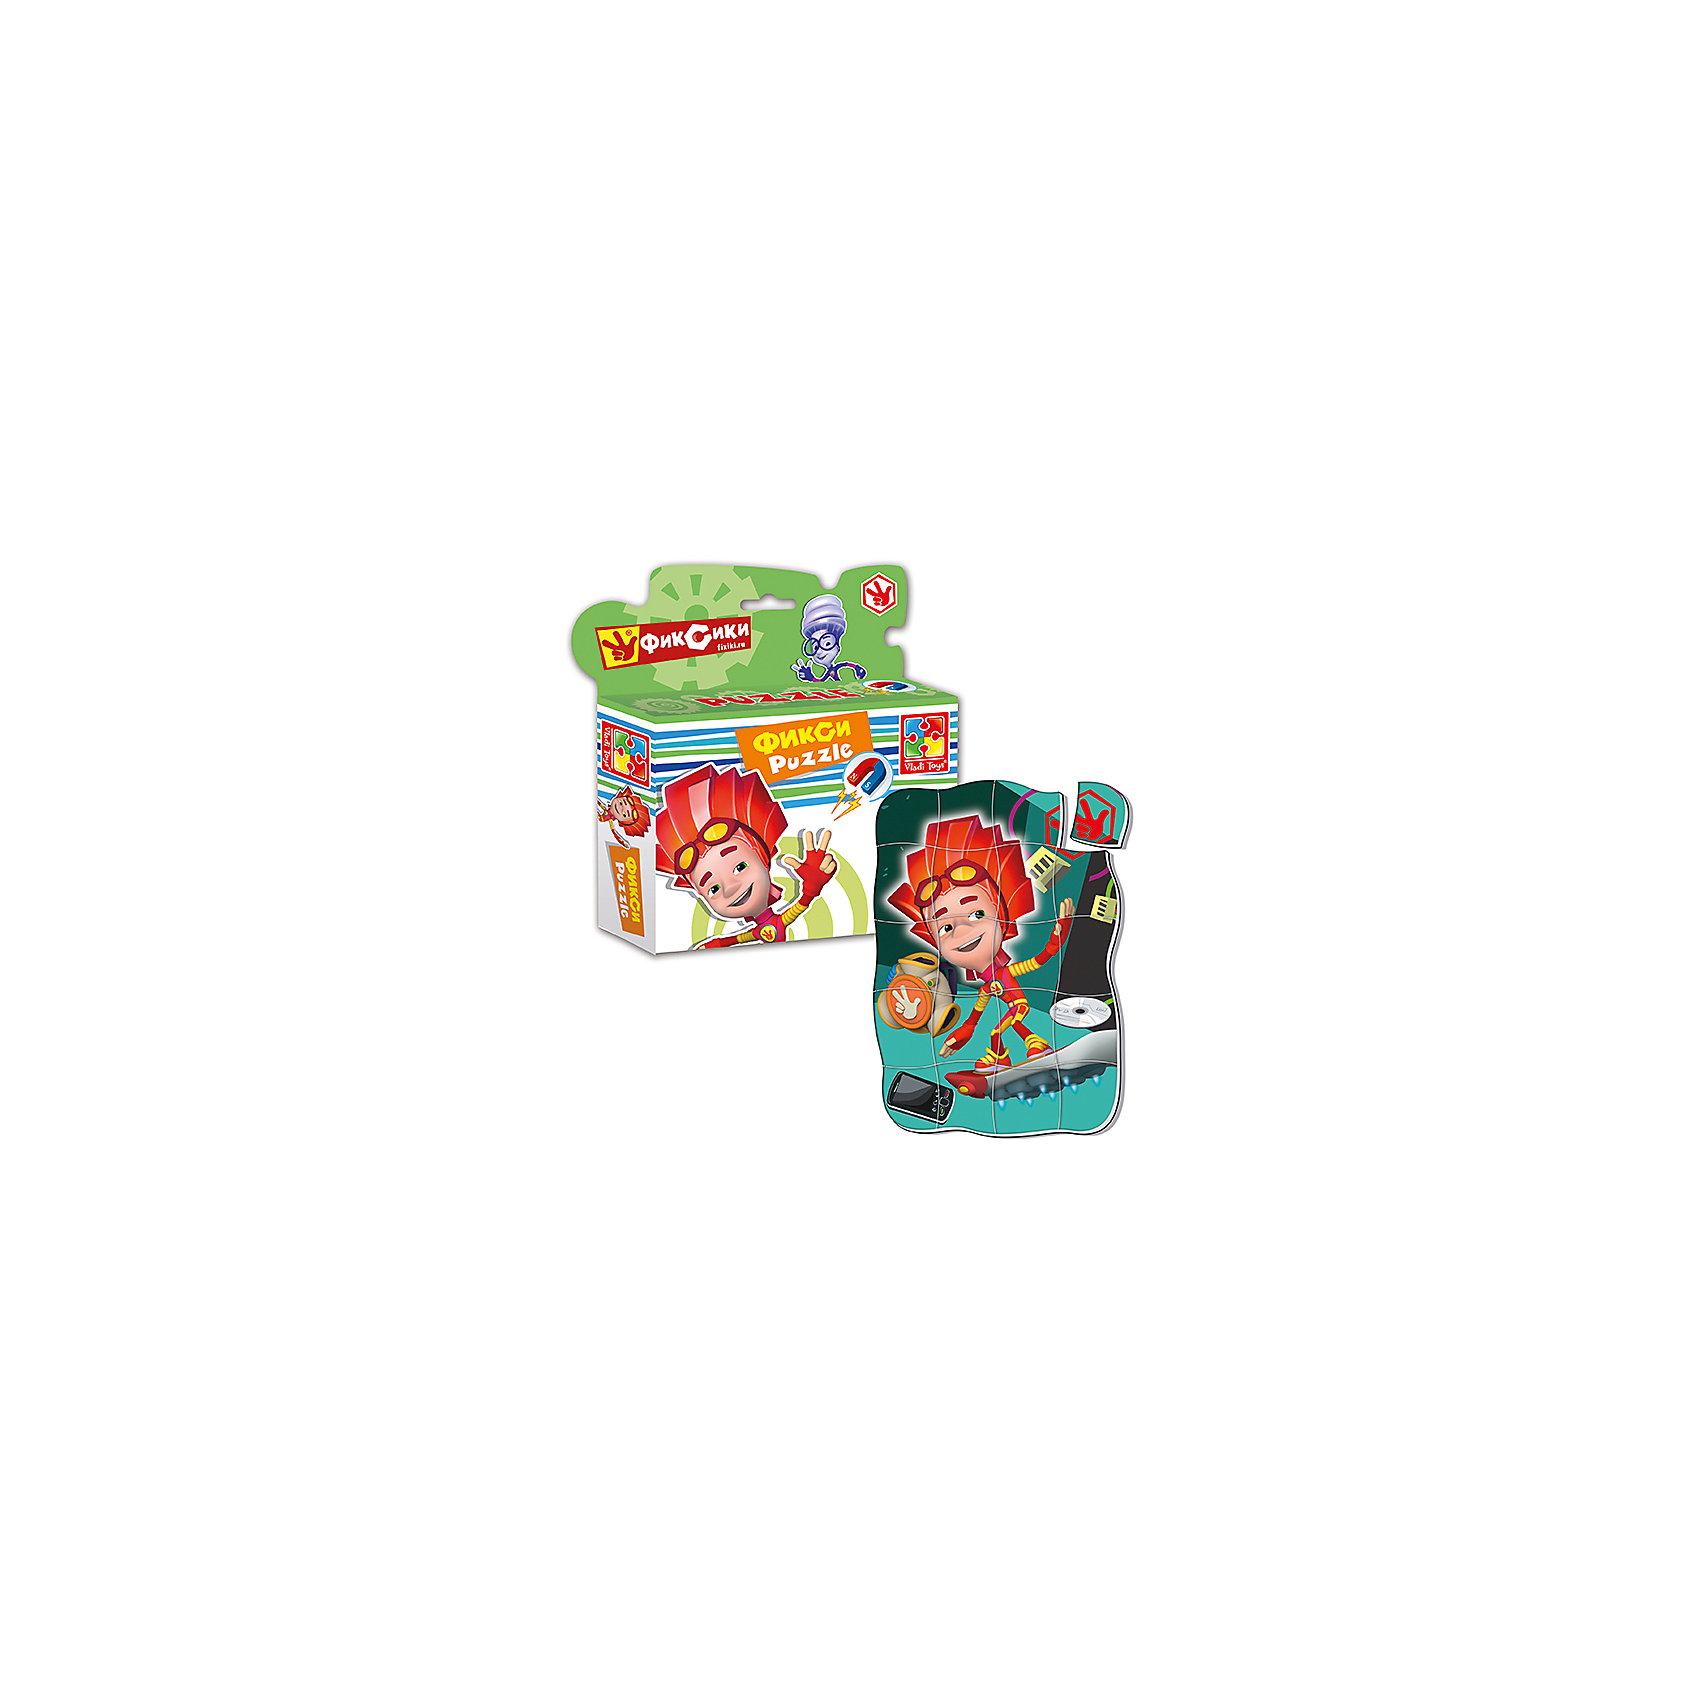 Магнитные фигурные пазлы Файер, Фиксики, , Vladi ToysХарактеристики:<br><br>• Вид игр: развивающие<br>• Серия: пазлы-магниты<br>• Пол: универсальный<br>• Материал: полимер, картон, магнит<br>• Цвет: красный, оранжевый, зеленый и др.<br>• Комплектация: 1 пазл из 20-ти элементов<br>• Размеры (Д*Ш*В): 16,5*4*19,5 см<br>• Тип упаковки: картонная коробка<br>• Вес: 94 г<br><br>Пазлы на магните Файер, Фиксики, Vladi Toys, производителем которых является компания, специализирующаяся на выпуске развивающих игр, давно уже стали популярными среди аналогичной продукции. Мягкие пазлы – идеальное решение для развивающих занятий с самыми маленькими детьми, так как они разделены на большие элементы с крупными изображениями, чаще всего в качестве картинок используются герои популярных мультсериалов. Самое важное в пазле для малышей – это минимум деталей и безопасность элементов. Все используемые в производстве материалы являются экологически безопасными, не вызывают аллергии, не имеют запаха. Пазлы на магните Файер, Фиксики, Vladi Toys представляет собой сюжетную картинку, которая состоит из 20-и крупных элементов с изображением Файер. <br>Занятия с мягкими пазлами от Vladi Toys способствуют развитию не только мелкой моторики, но и внимательности, усидчивости, терпению при достижении цели. Кроме того, по собранной картинке можно составлять рассказ, что позволит развивать речевые навыки, память и воображение.<br><br>Пазлы на магните Файер, Фиксики, Vladi Toys можно купить в нашем интернет-магазине.<br><br>Ширина мм: 165<br>Глубина мм: 45<br>Высота мм: 195<br>Вес г: 94<br>Возраст от месяцев: 24<br>Возраст до месяцев: 60<br>Пол: Унисекс<br>Возраст: Детский<br>SKU: 5136090